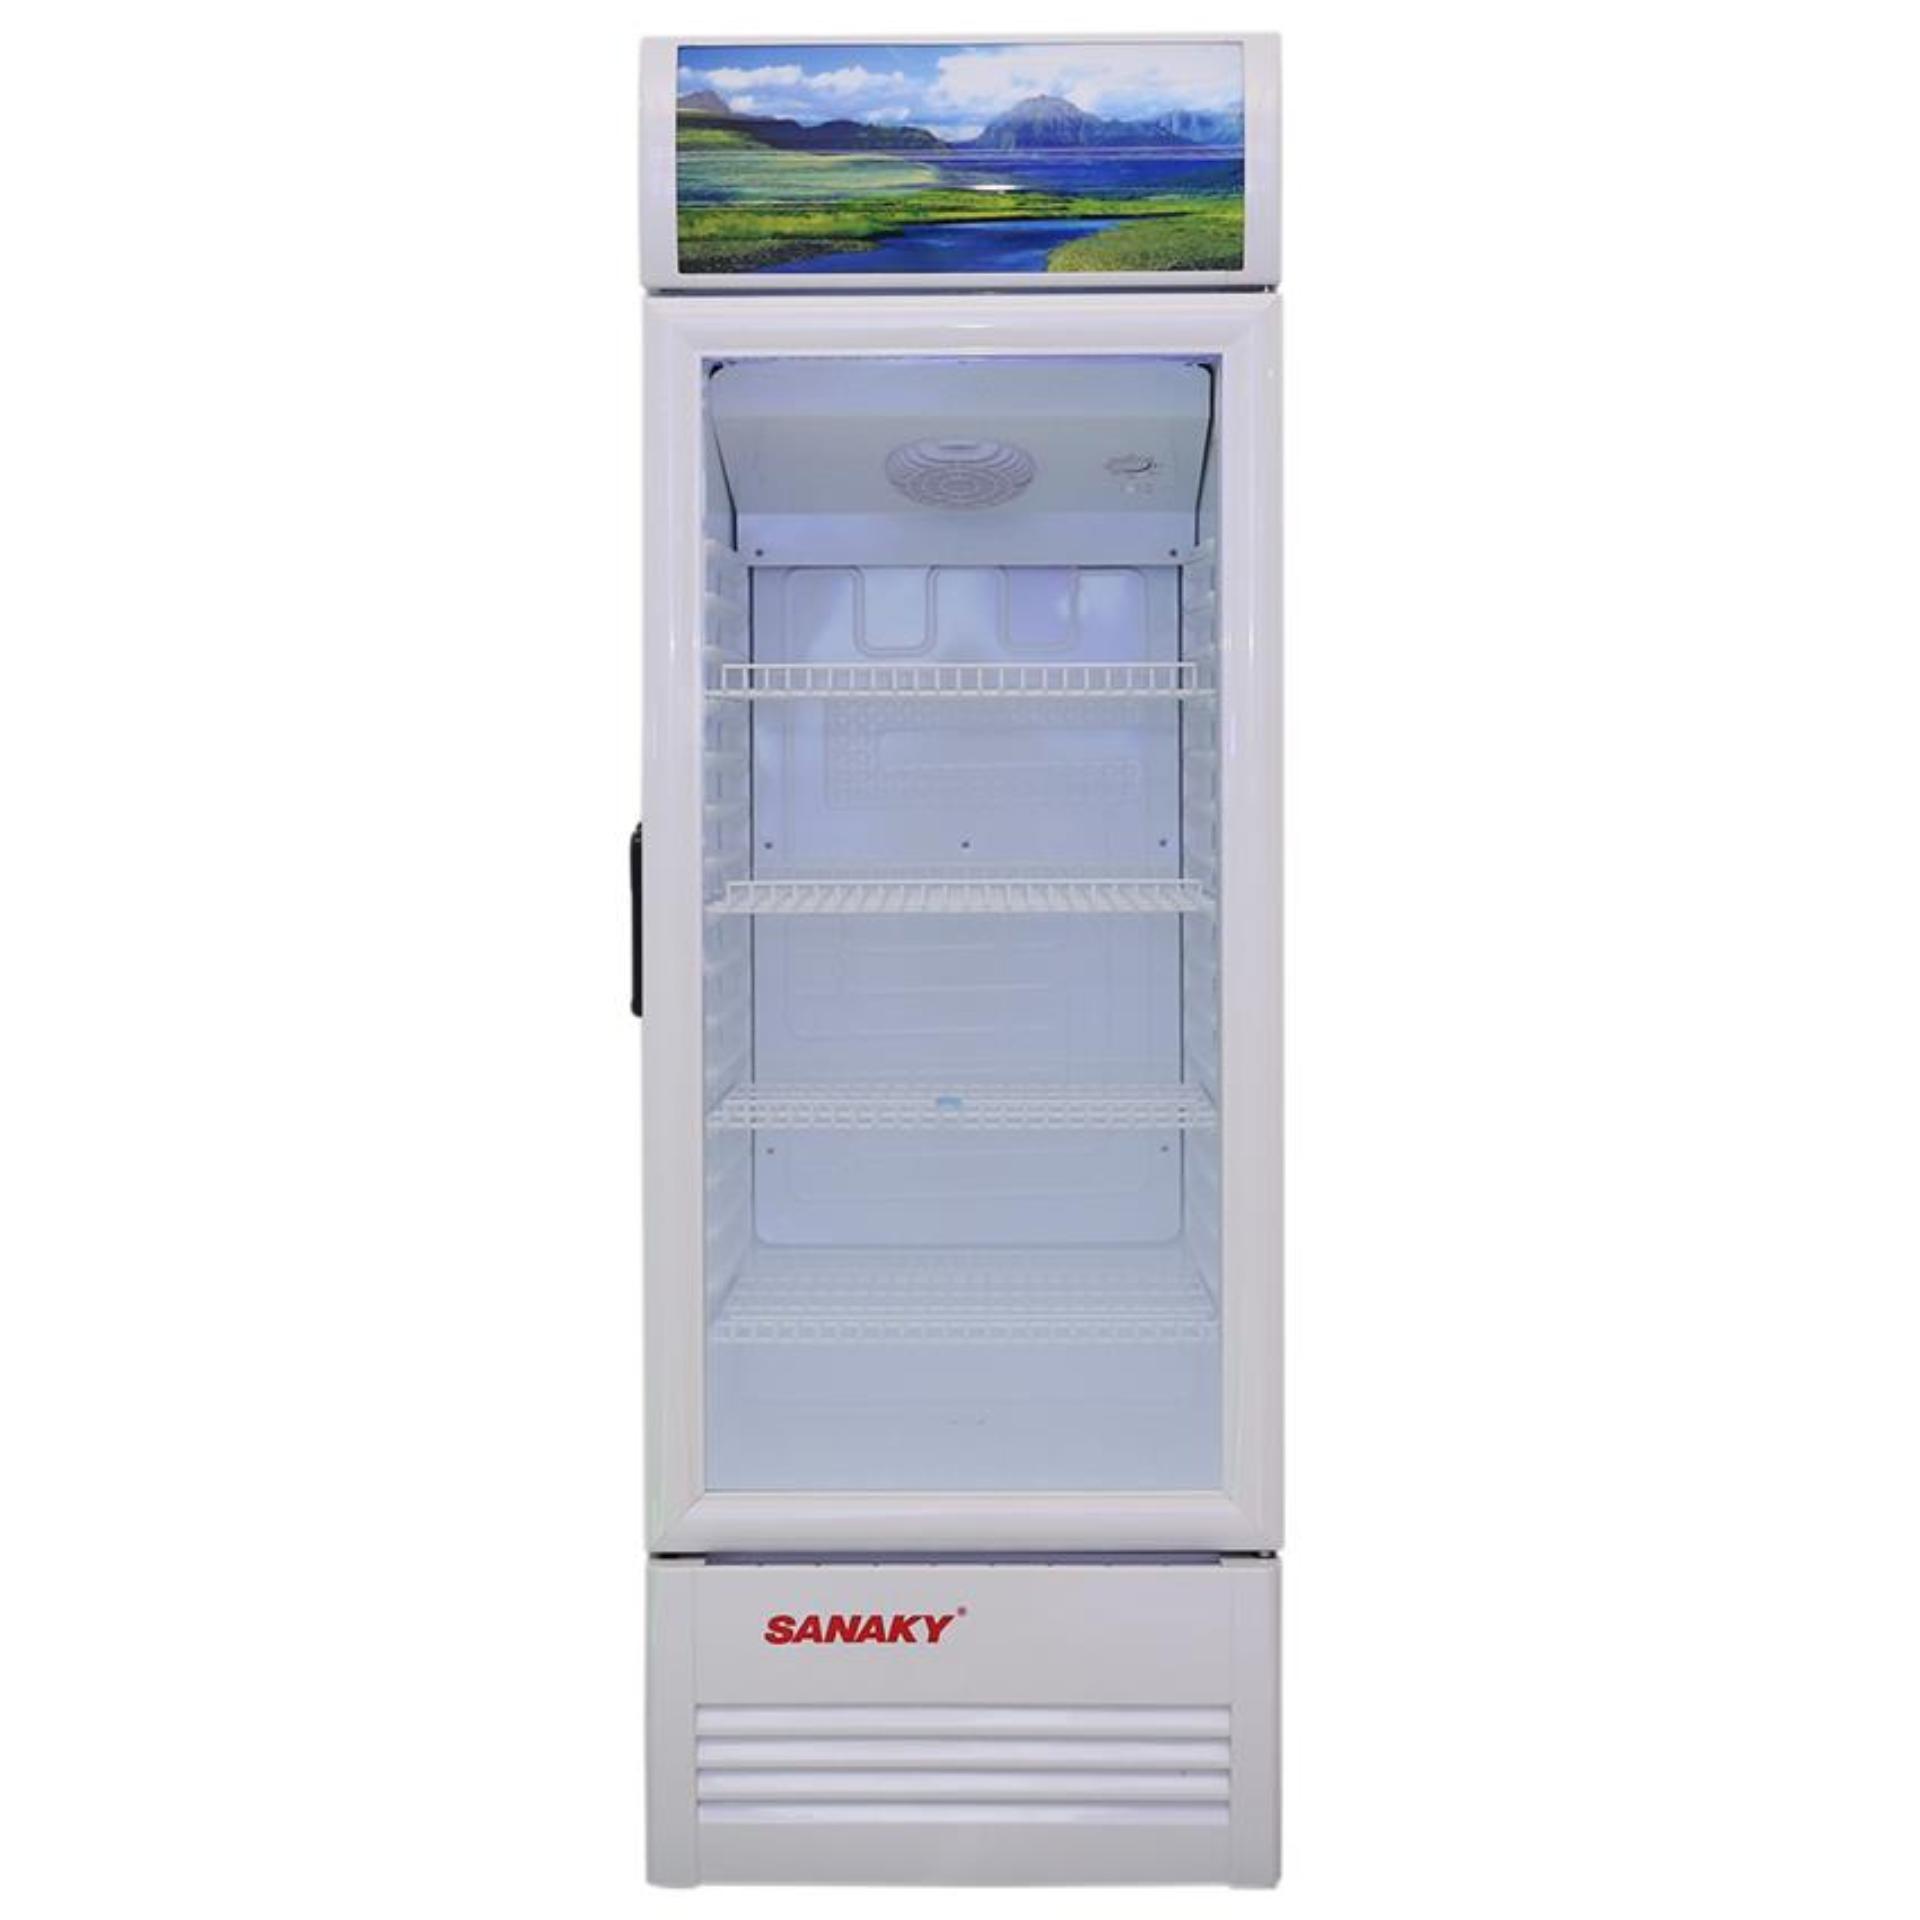 Tủ mát Sanaky hai cánh dàn lạnh đồng VH-259W